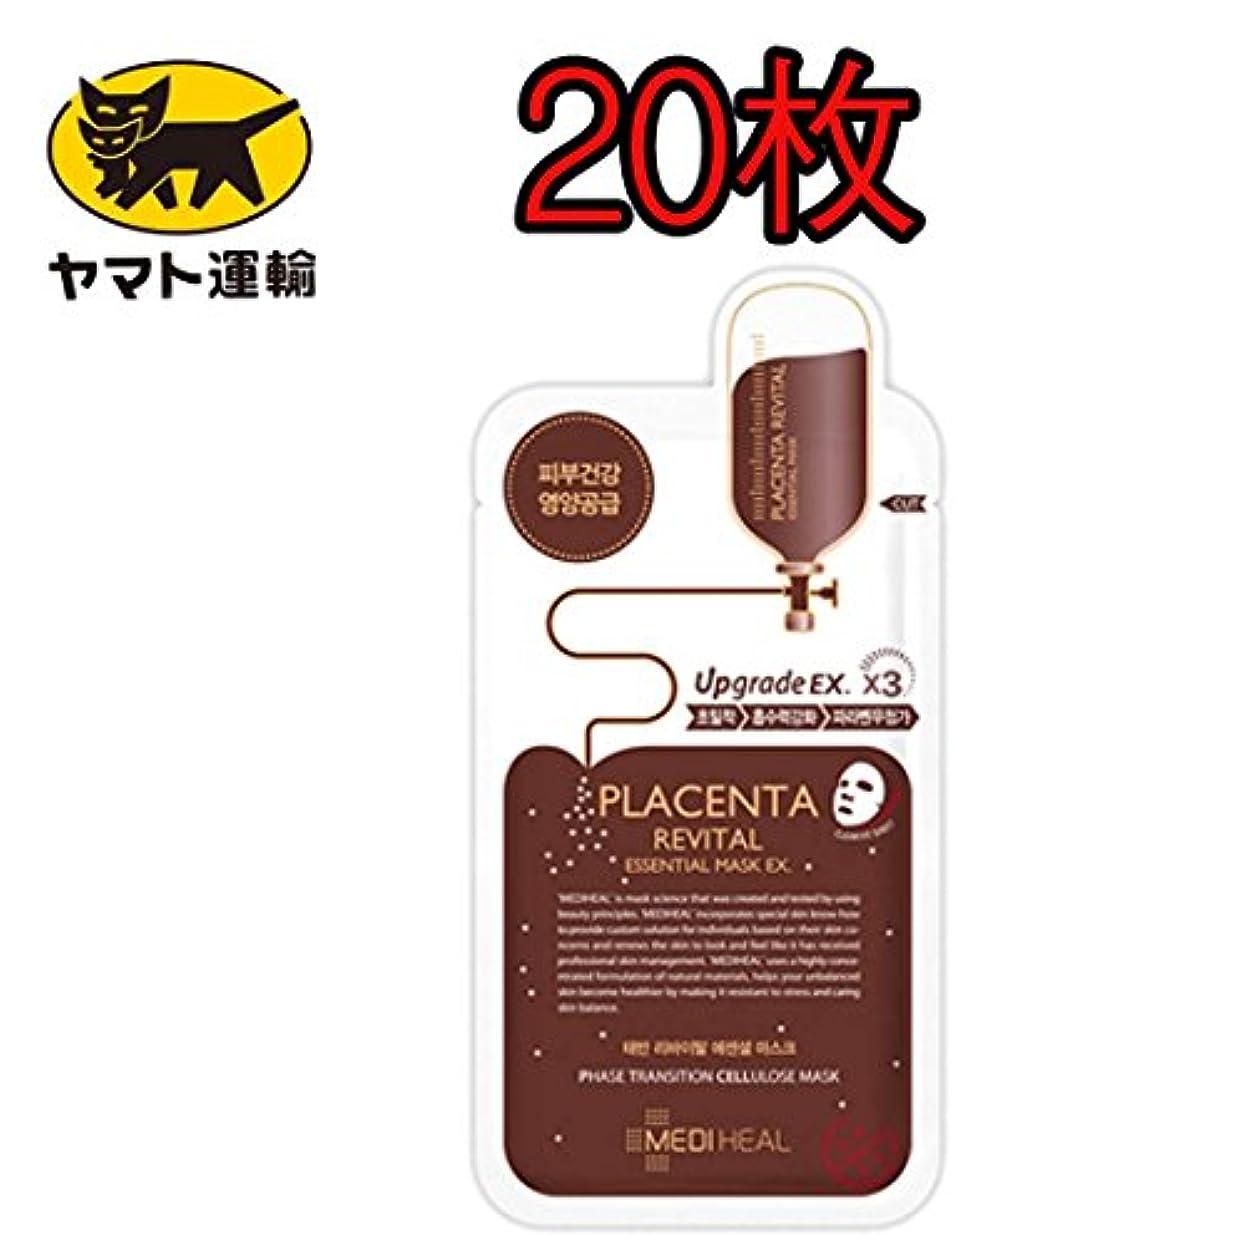 保証金七面鳥スポーツメディヒール [韓国コスメ Mediheal] プラセンタ リバイタル エッセンシャル マスクREX 皮膚健康/栄養供給 (20枚) Upgrade Mediheal Placenta Revital Essential Mask 20 piece. [並行輸入品]